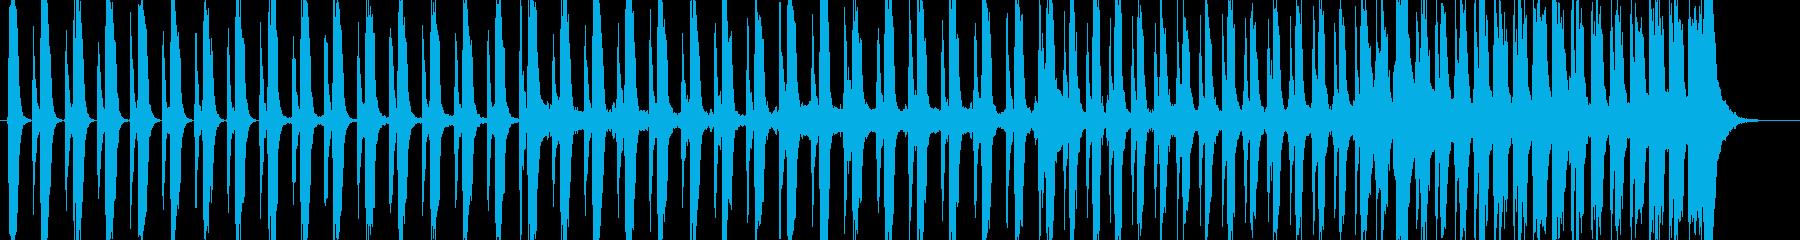 不穏、緊迫、サスペンス系サウンドの再生済みの波形